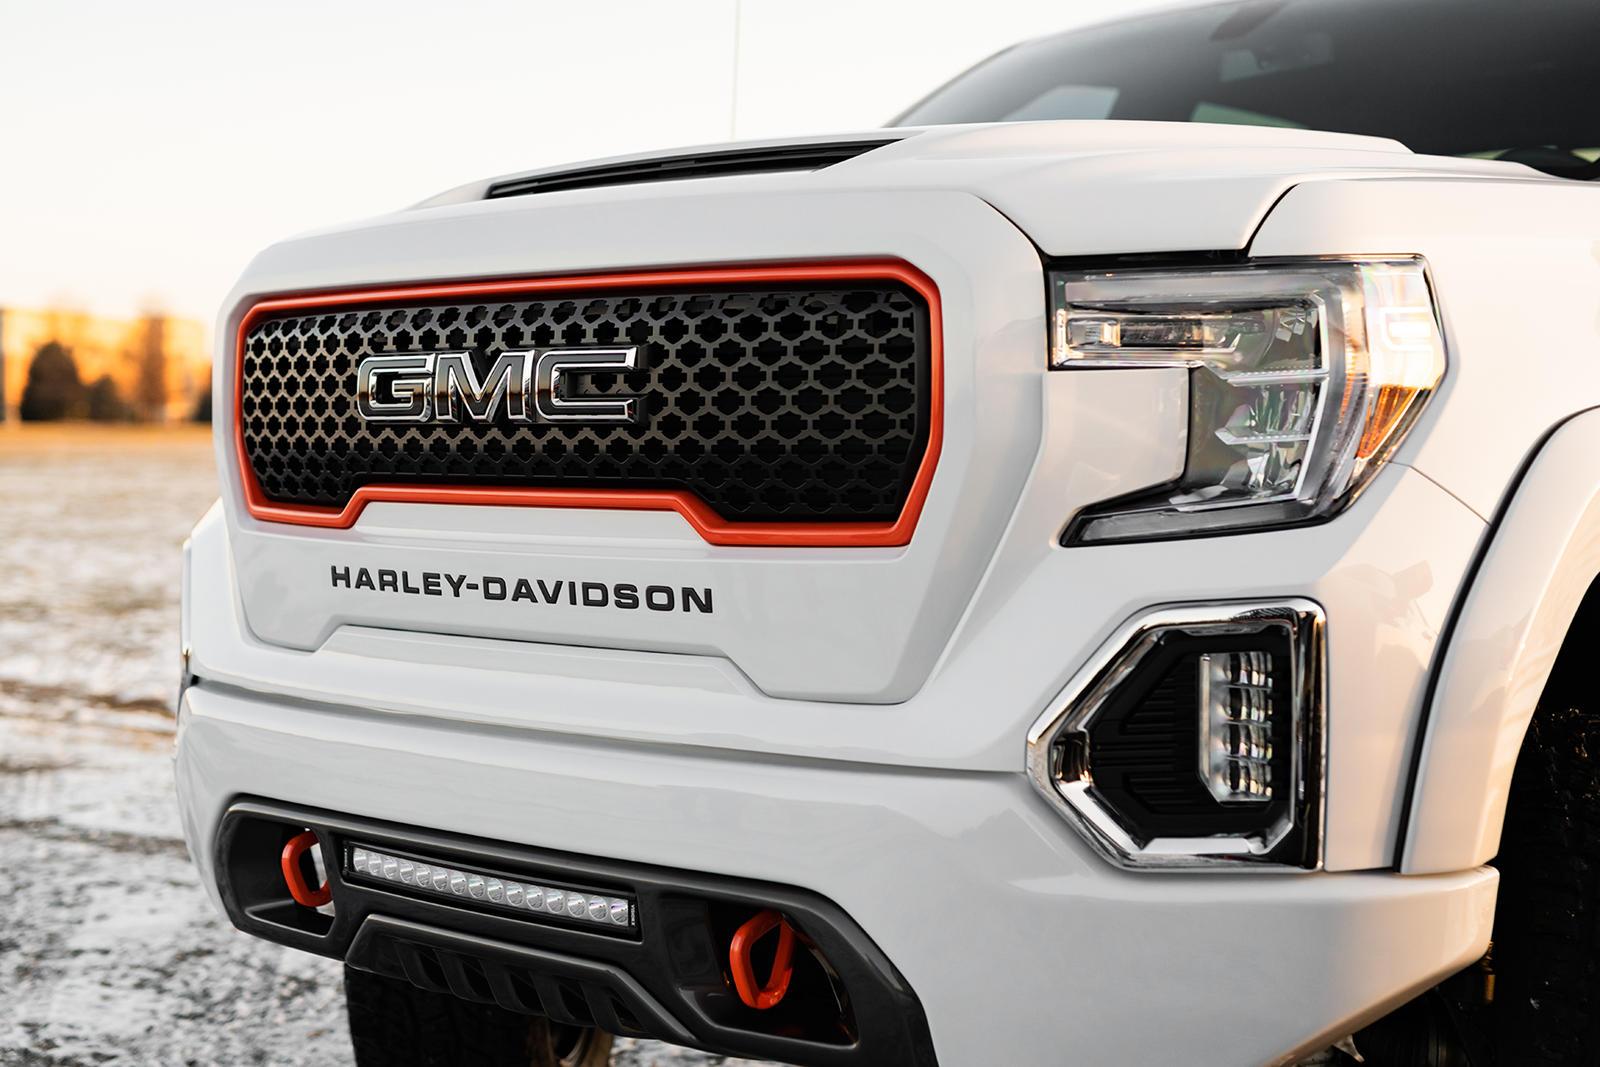 С 2000 года компания Harley-Davidson помогала «Форду» создавать особые версии пикапов F-150. Однако после 20 лет сотрудничества их пути разошлись: теперь производитель мотоциклов взялся за GMC Sierra.